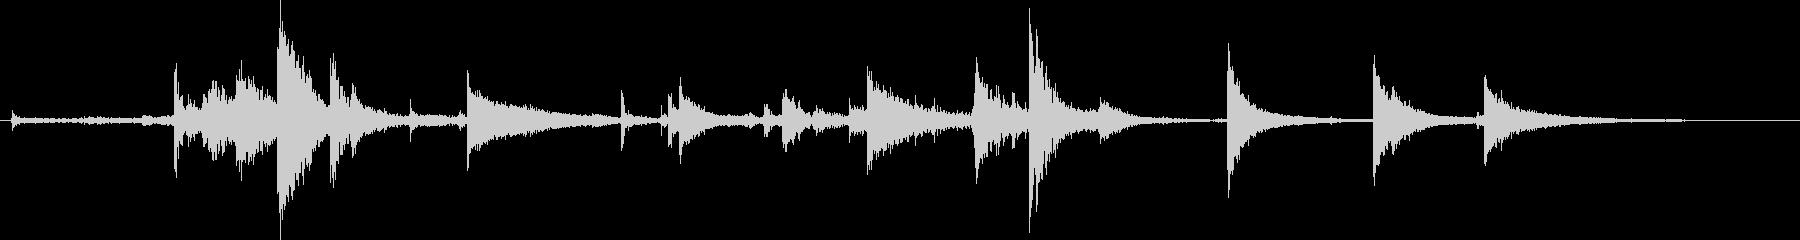 鎖・チェーンの効果音 06の未再生の波形